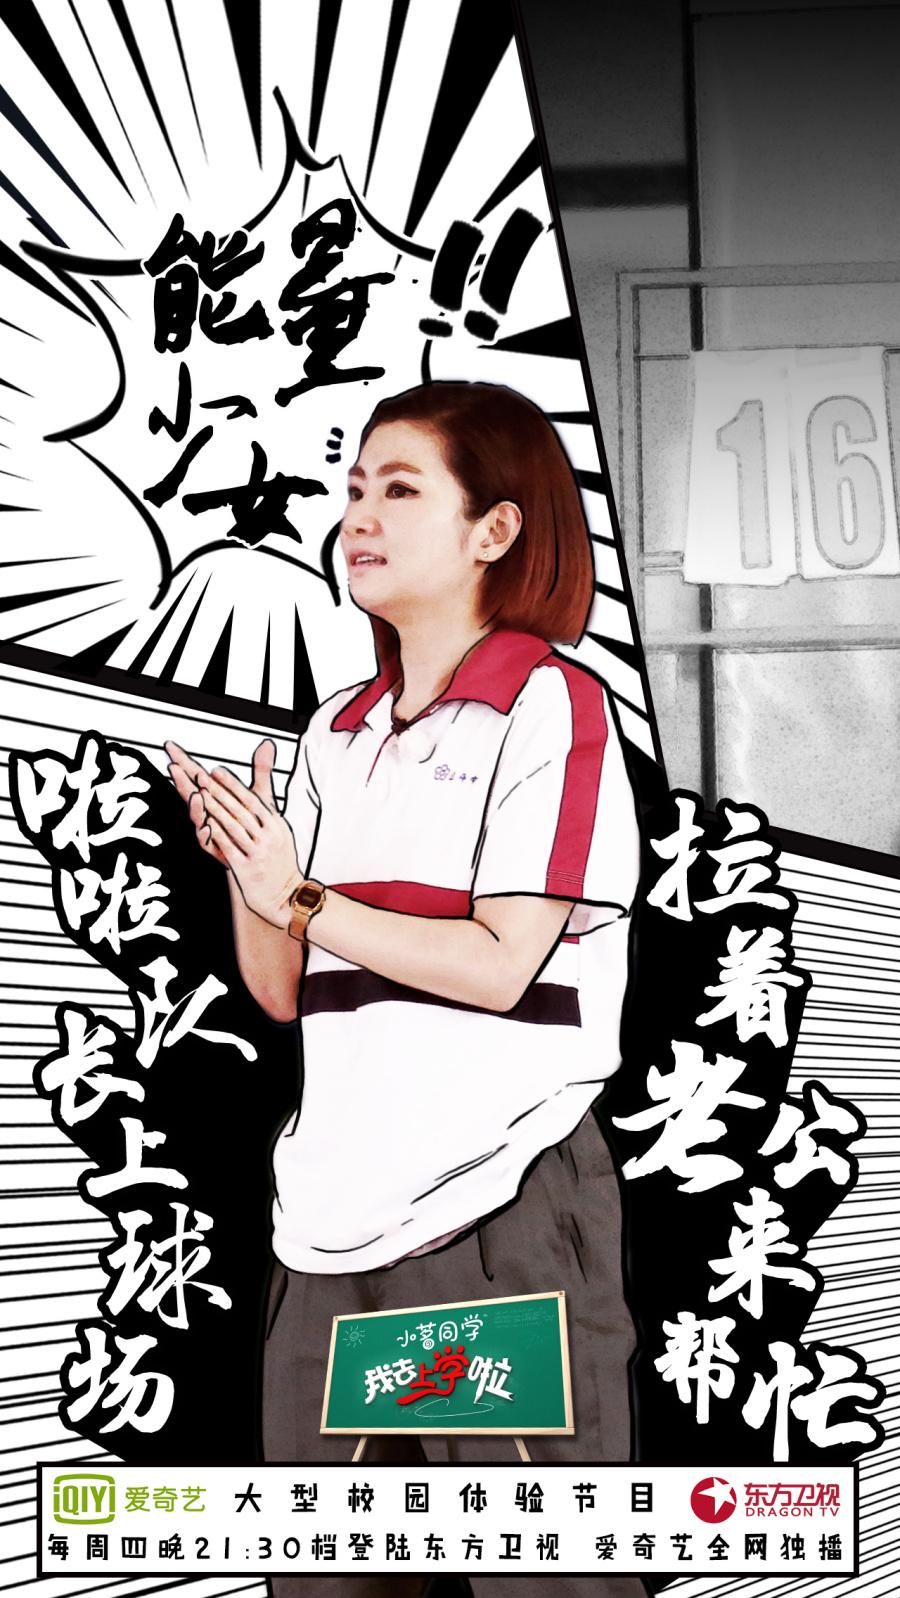 漫画平面-我去购买啦第一季|还是|海报|nikil-原是买上学作品篮球漫画是一一本什么里话腾讯图片